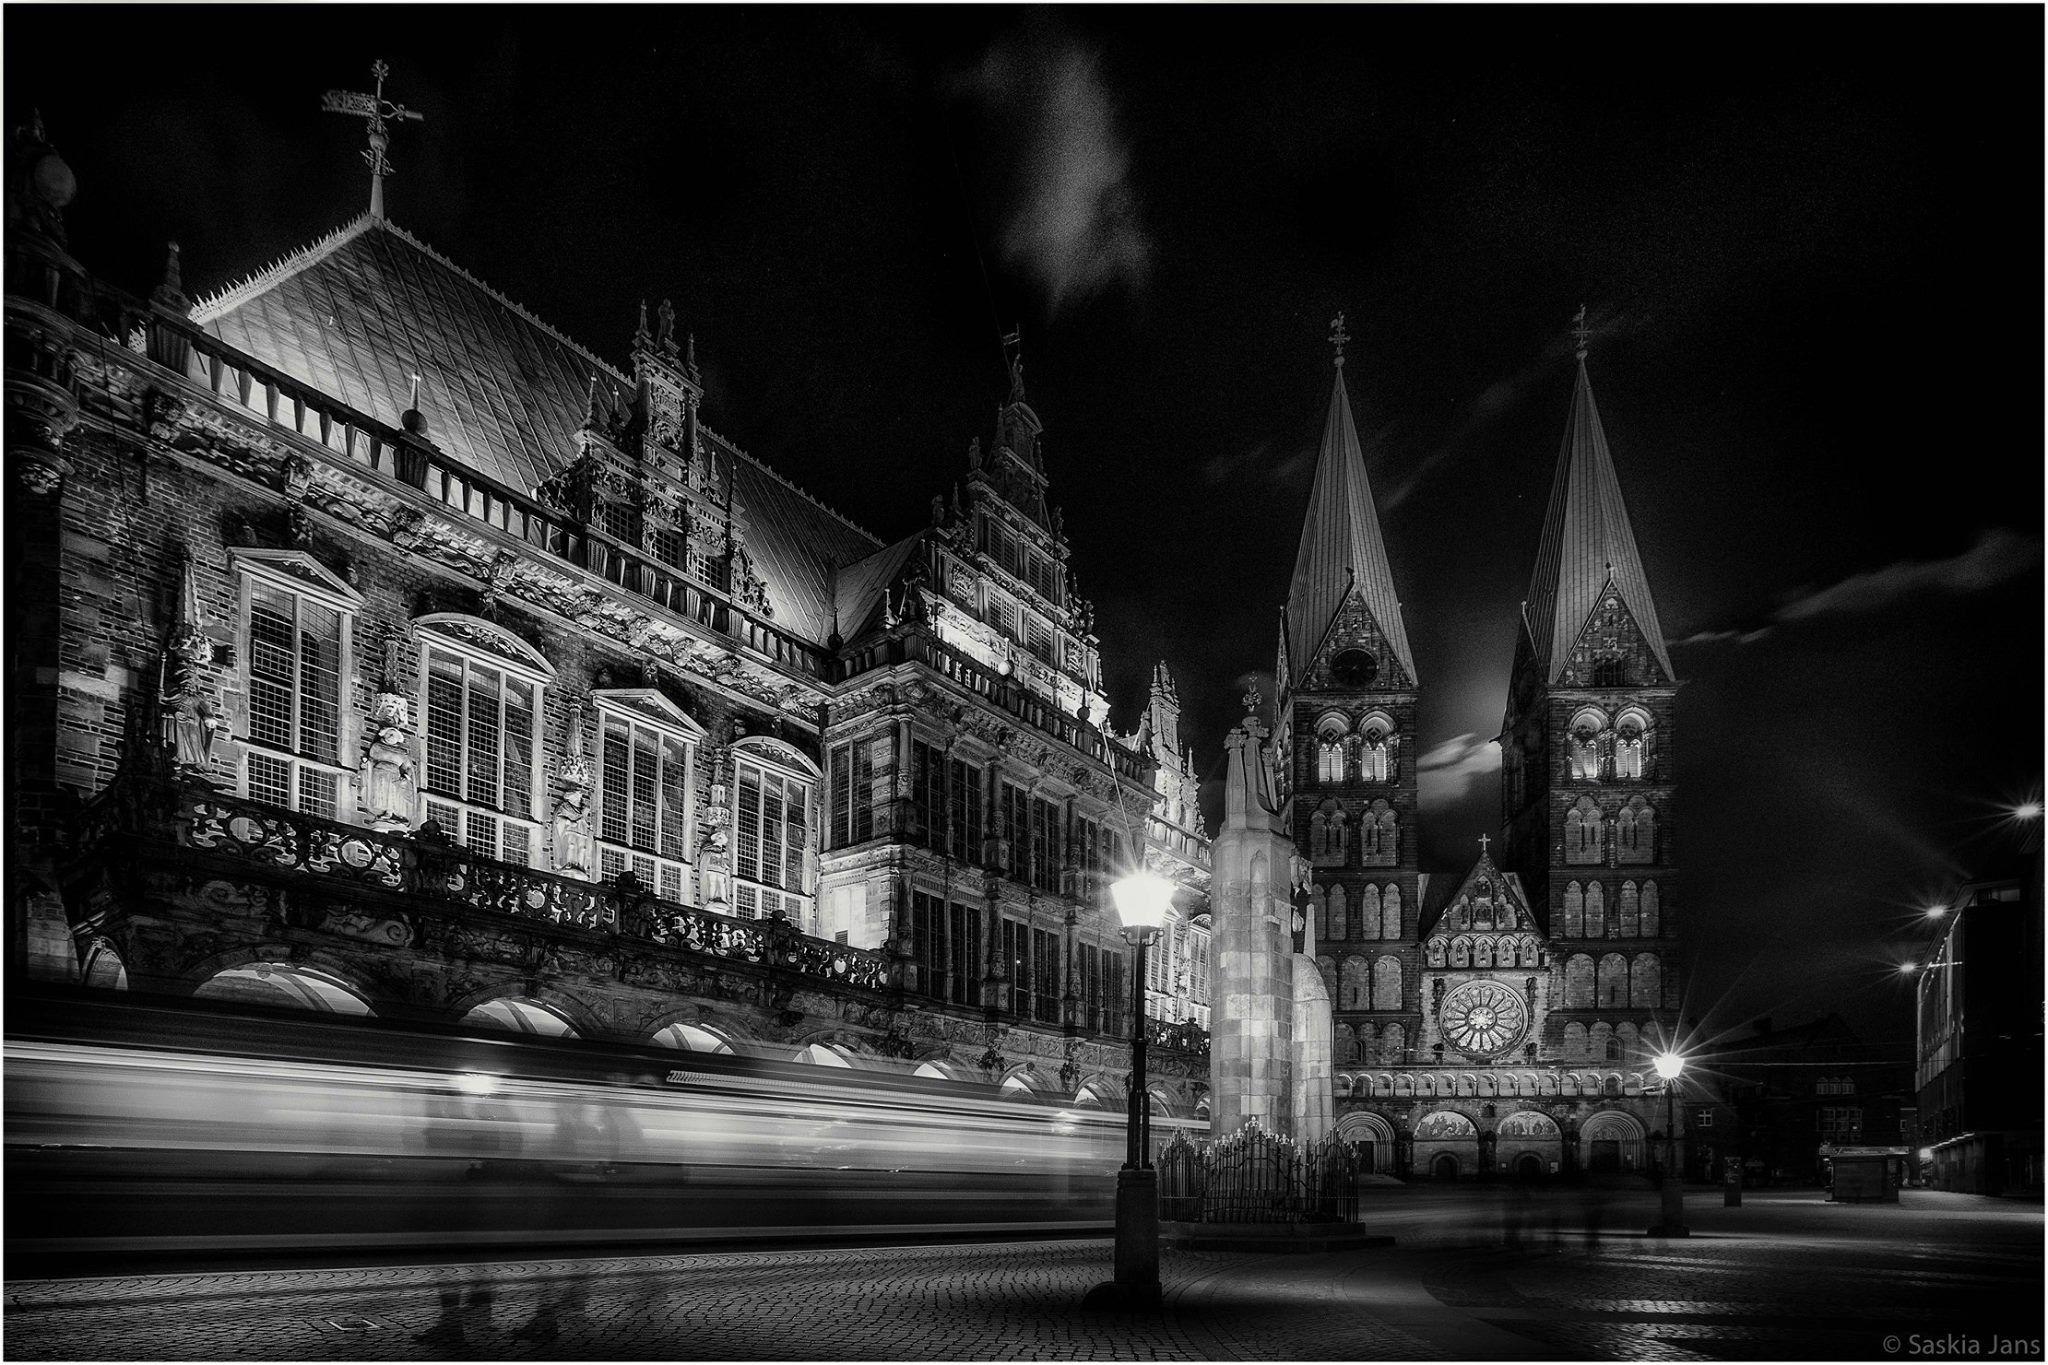 Bremen Fotografie bremen laatste tram saskia jans fotografie bremen